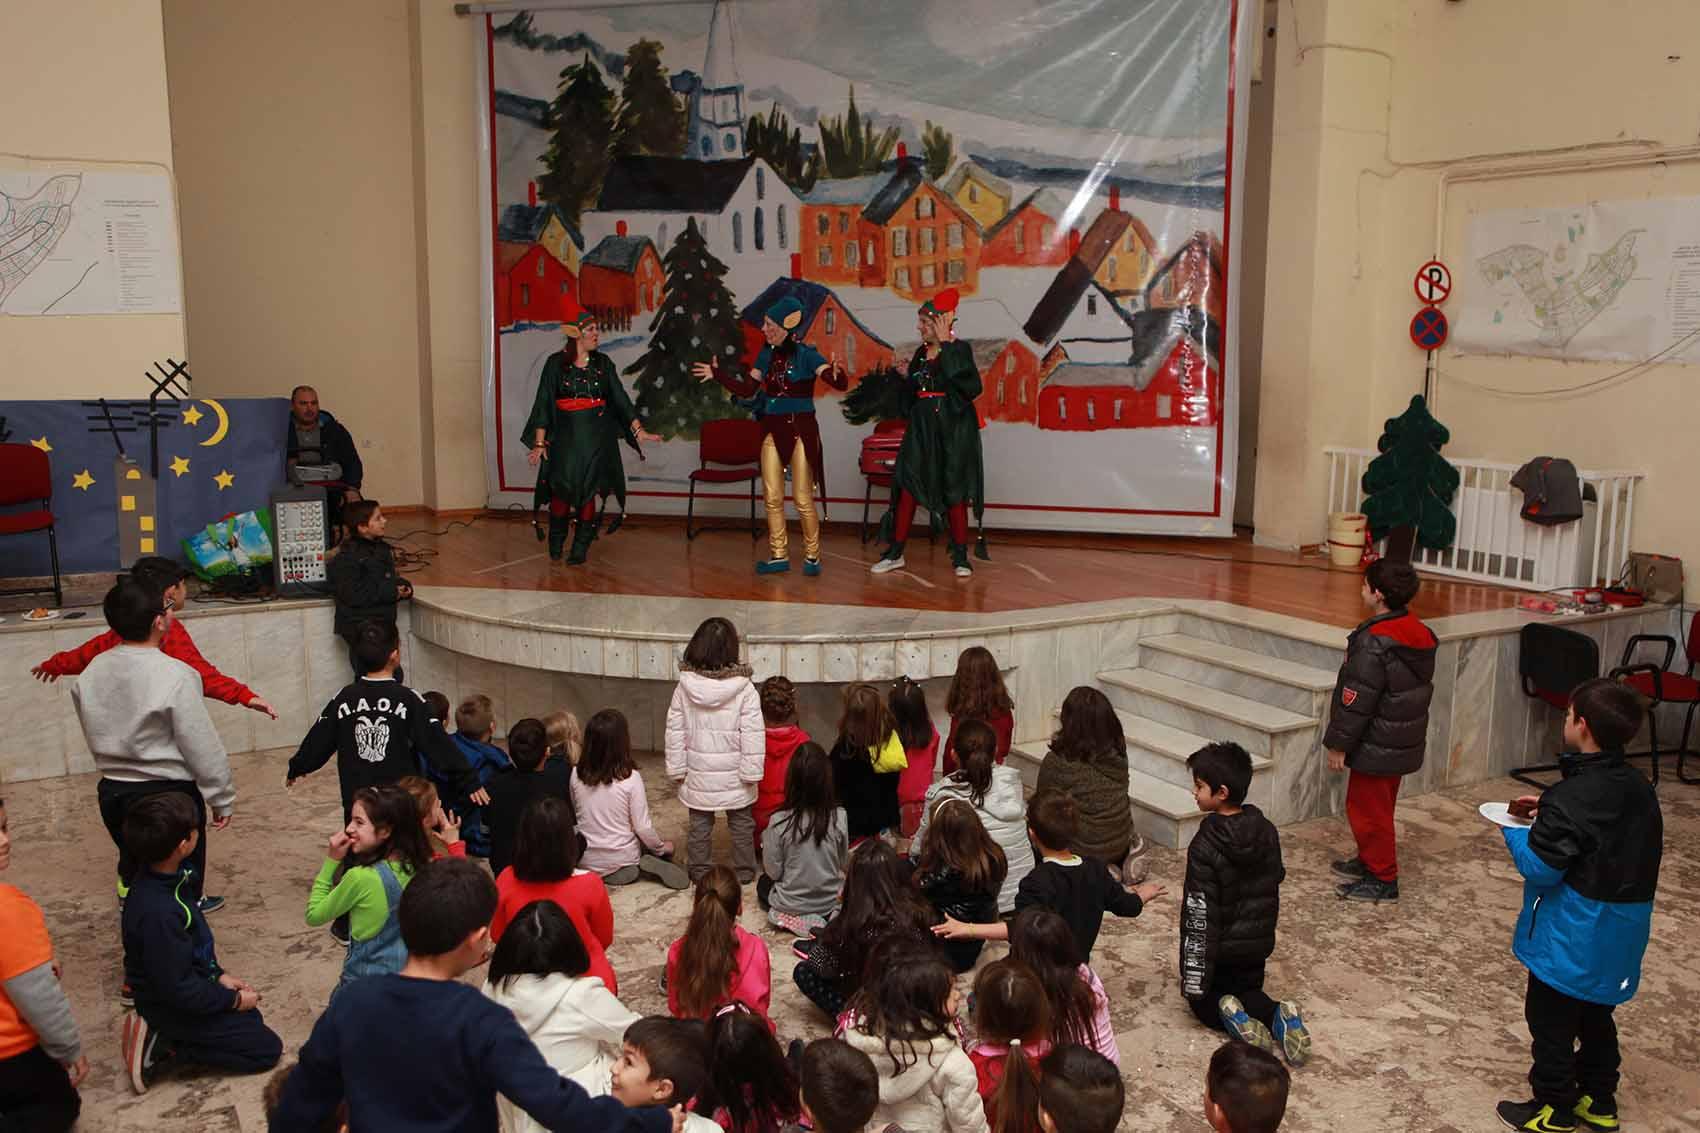 Άλλη μια υπέροχη Χριστουγεννιάτικη γιορτή του Δήμου Κοζάνης στην Ποντοκώμη (Φωτογραφίες)